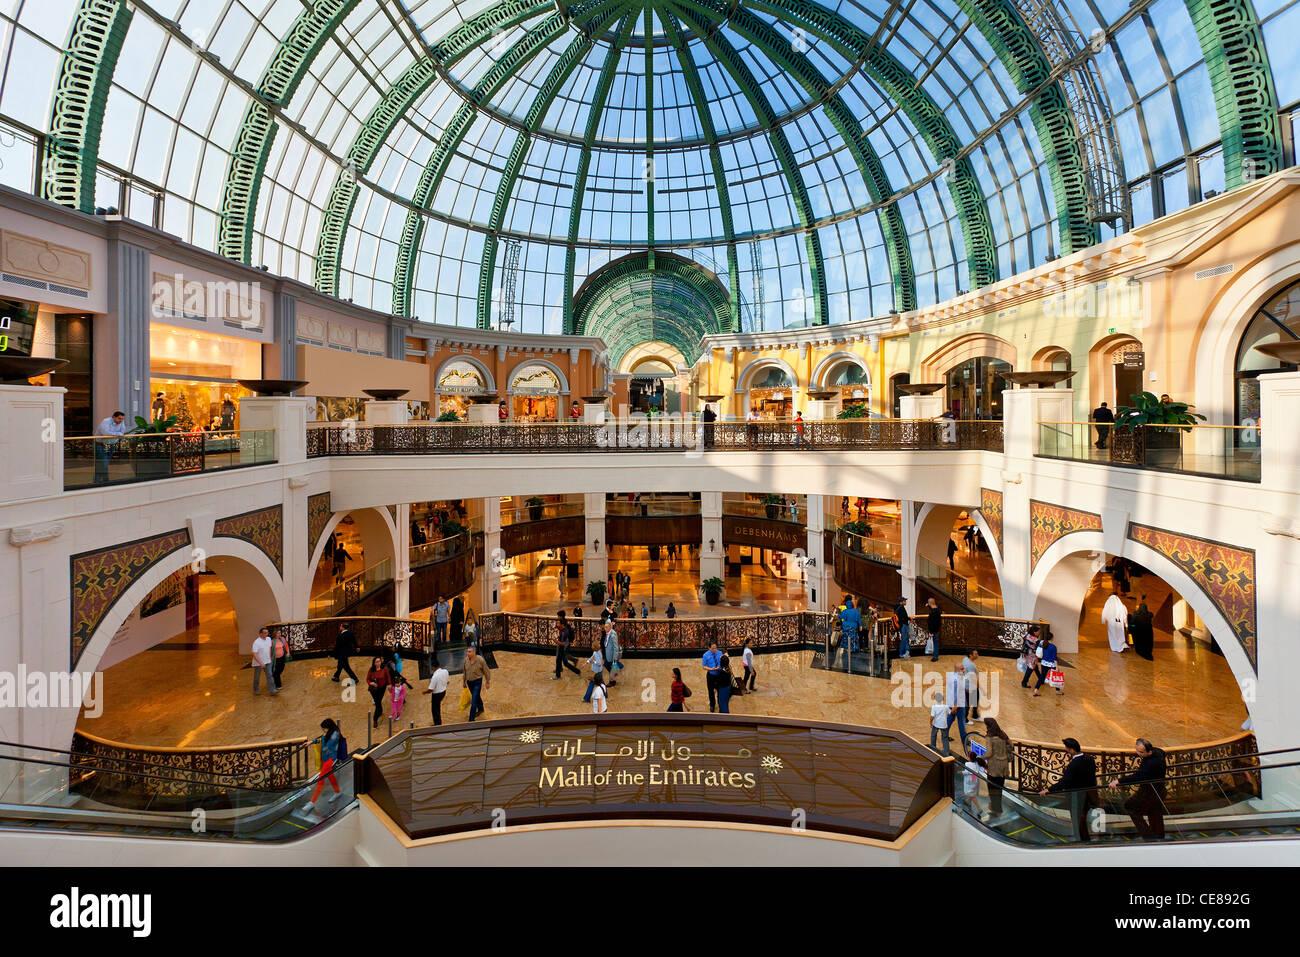 Asia, Arabia, Dubai Emirate, Dubai, the Mall of Emirates - Stock Image